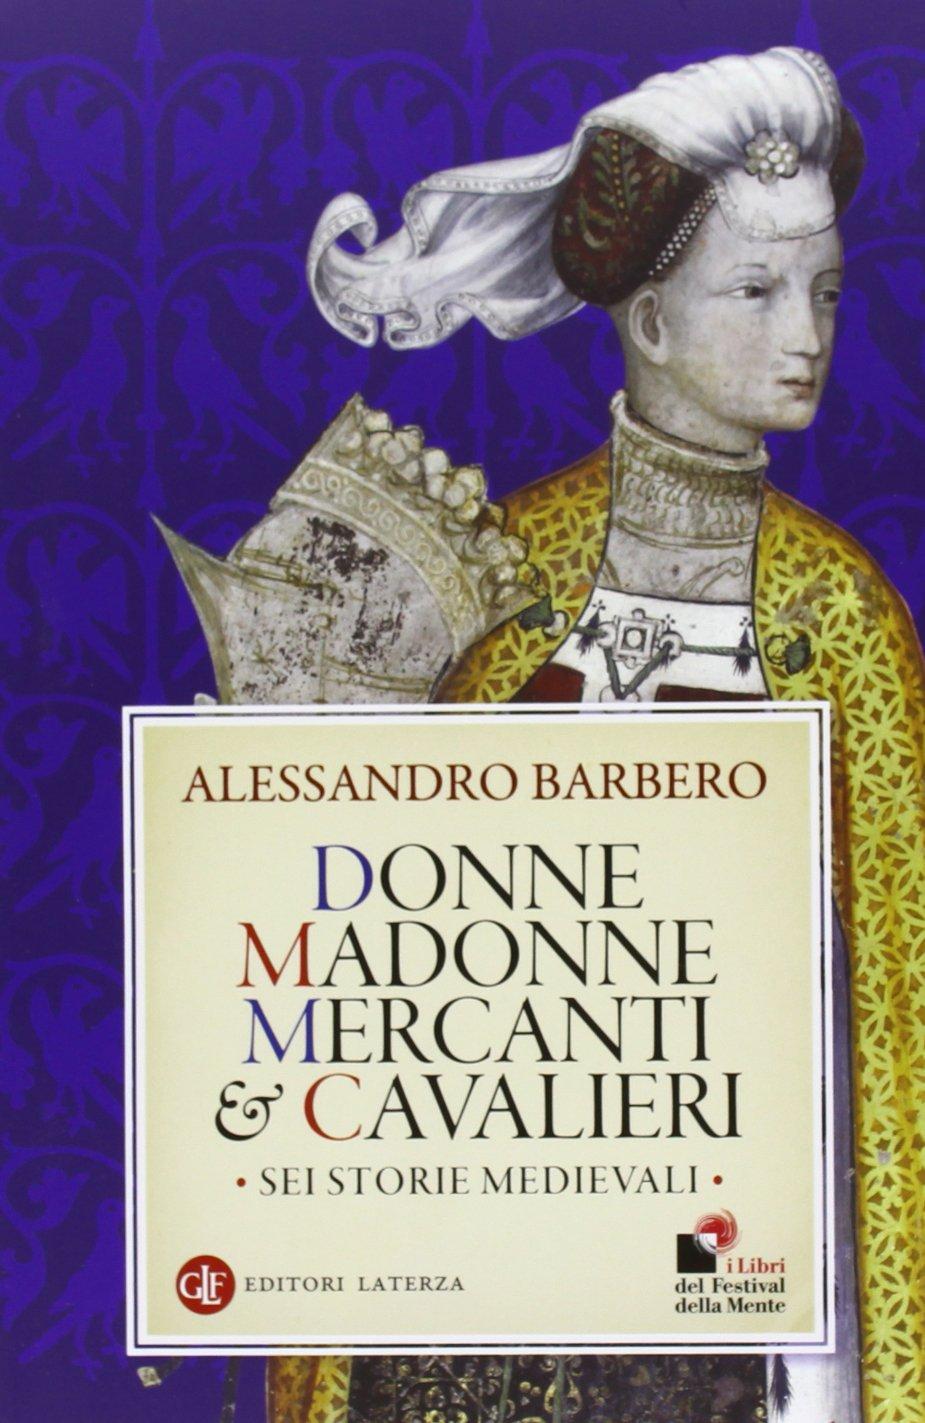 Alessandro barbero donne, madonne, mercanti e cavalieri. sei storie medievali (italiano) copertina flessibile 8858119282